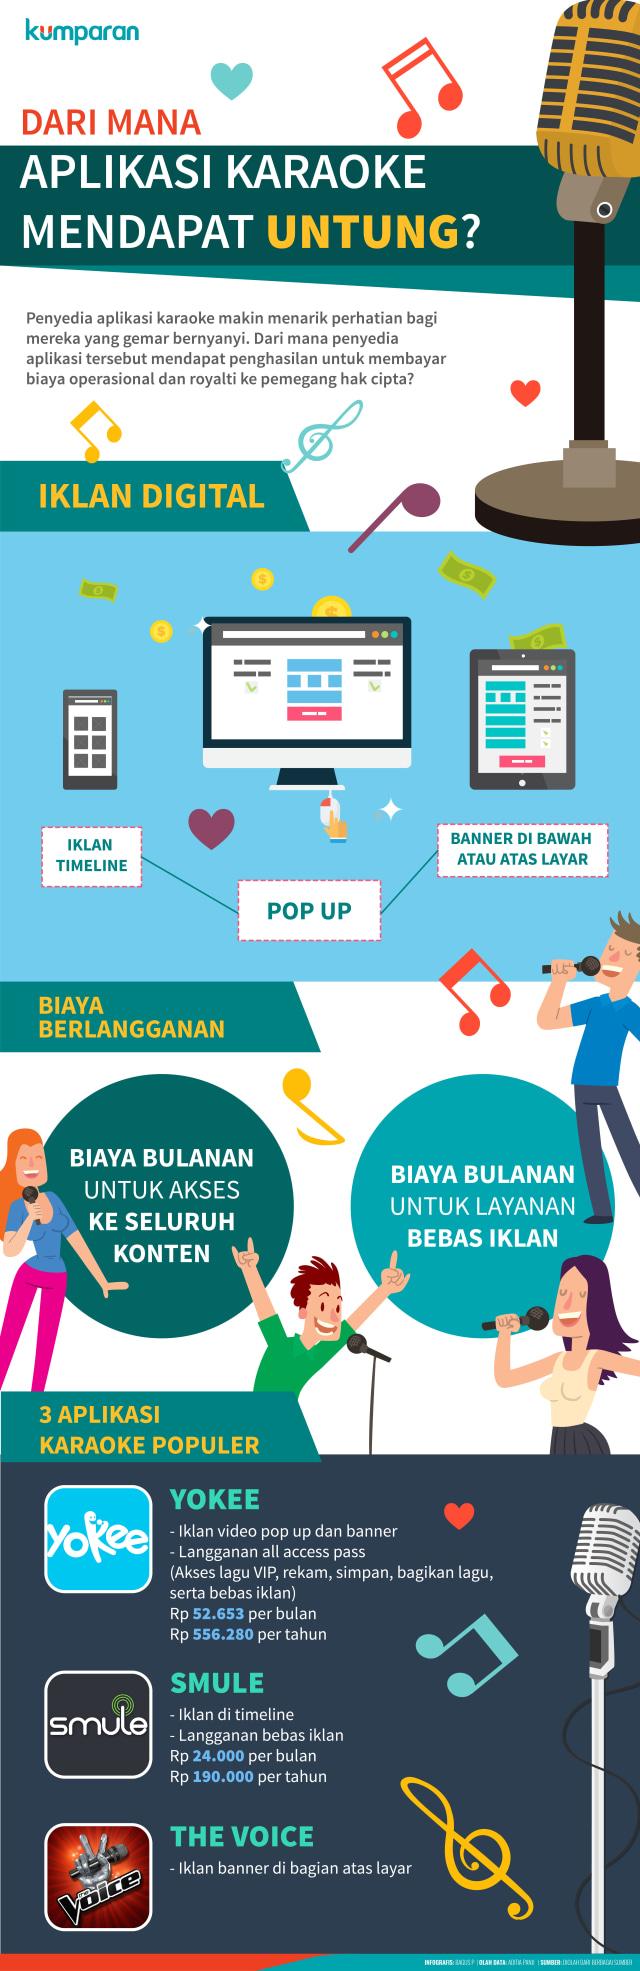 Infografis Aplikasi Karaoke Populer